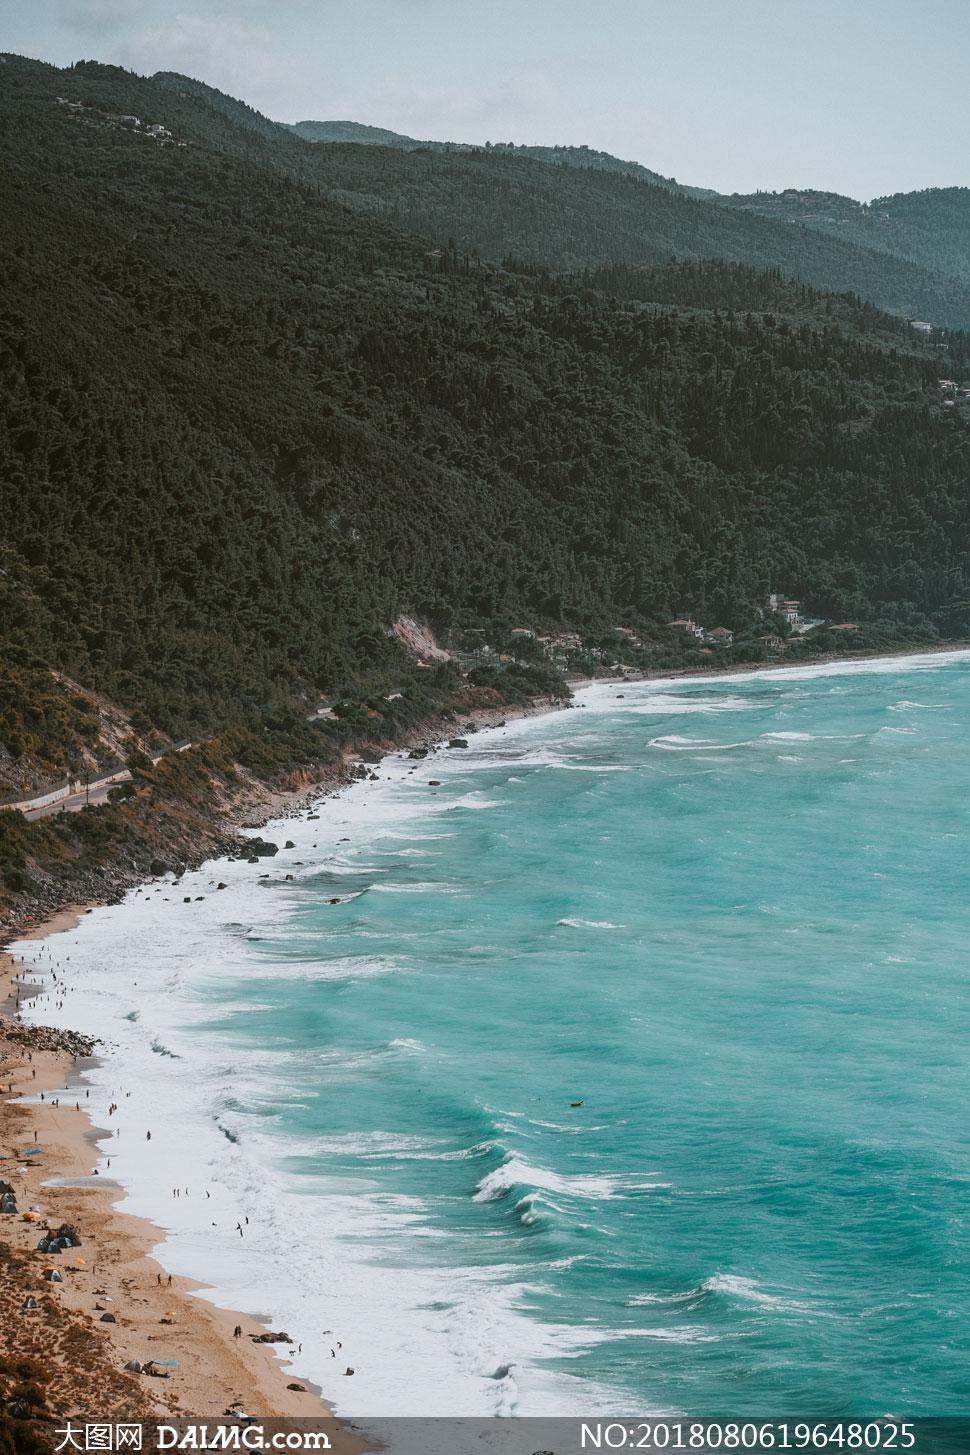 高清摄影大图图片素材自然风景风光大山高山山峰山峦植被海水海景大海